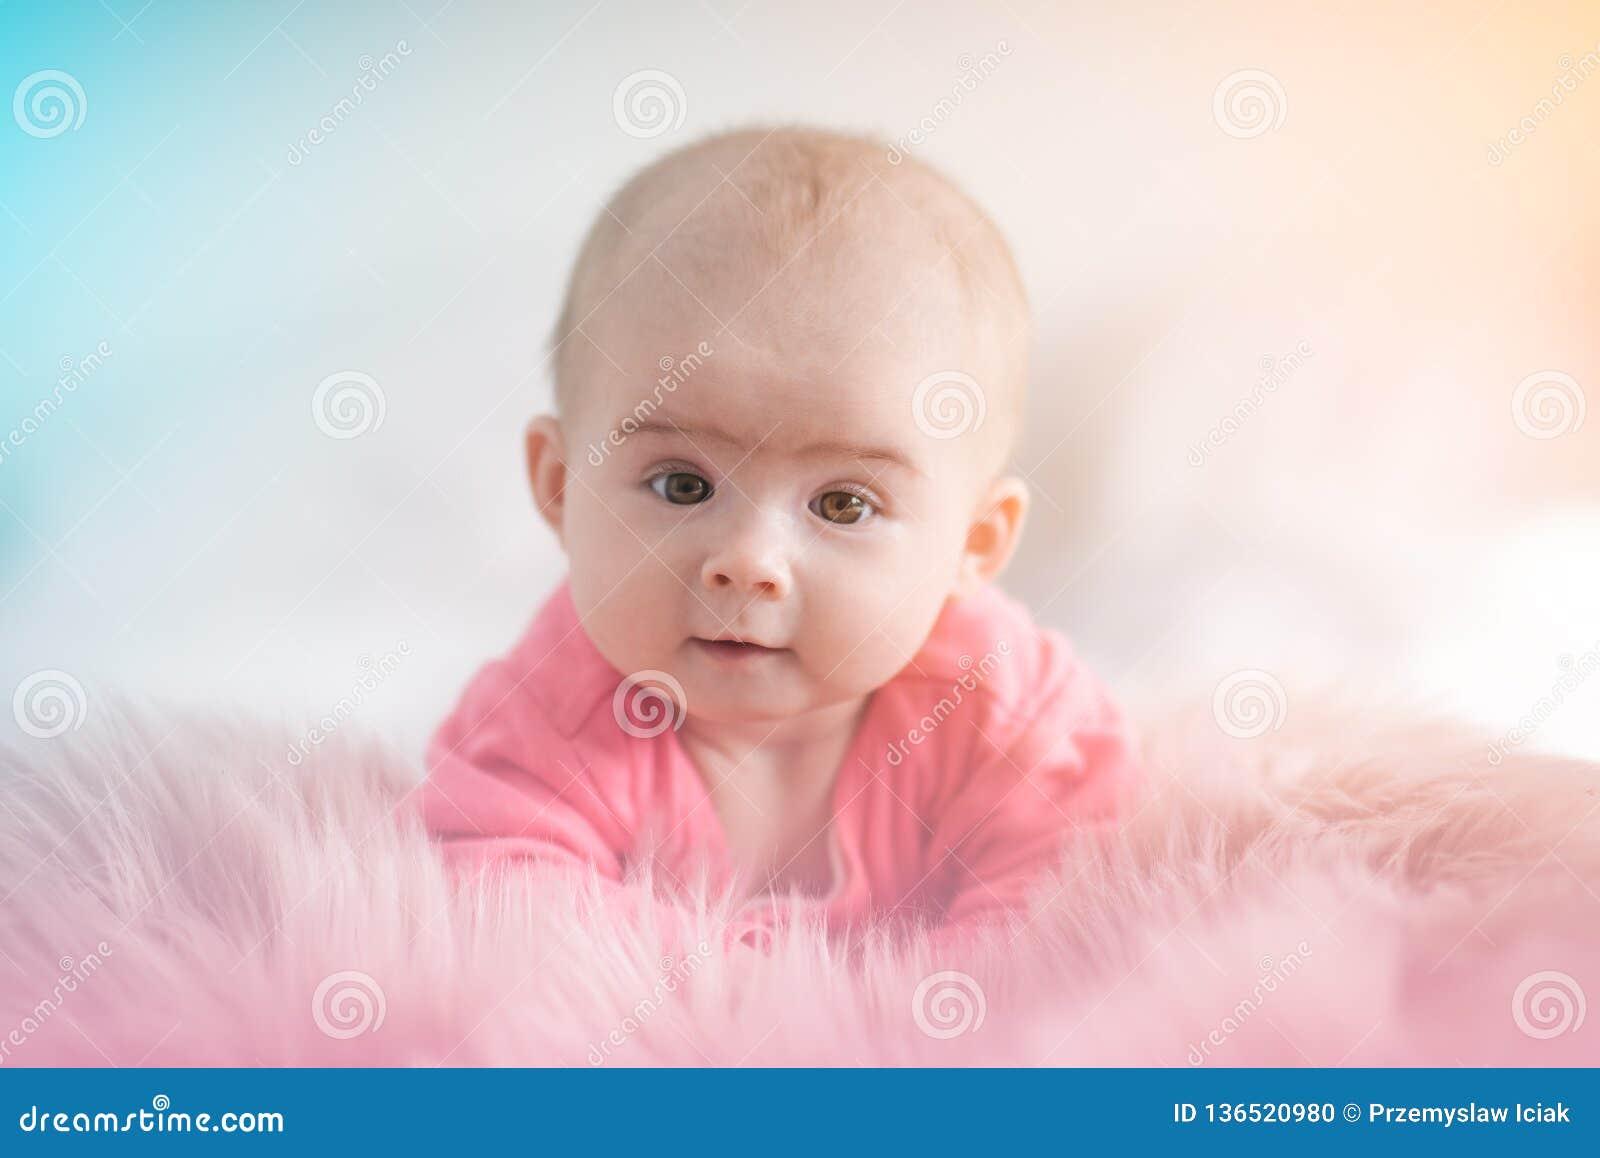 Χαριτωμένα πέντε μηνών νηπίων κοριτσάκι σε ένα κρεβάτι στην κοιλιά της με το κεφάλι που ανατρέχει προς τη κάμερα με τα μεγάλα μάτ